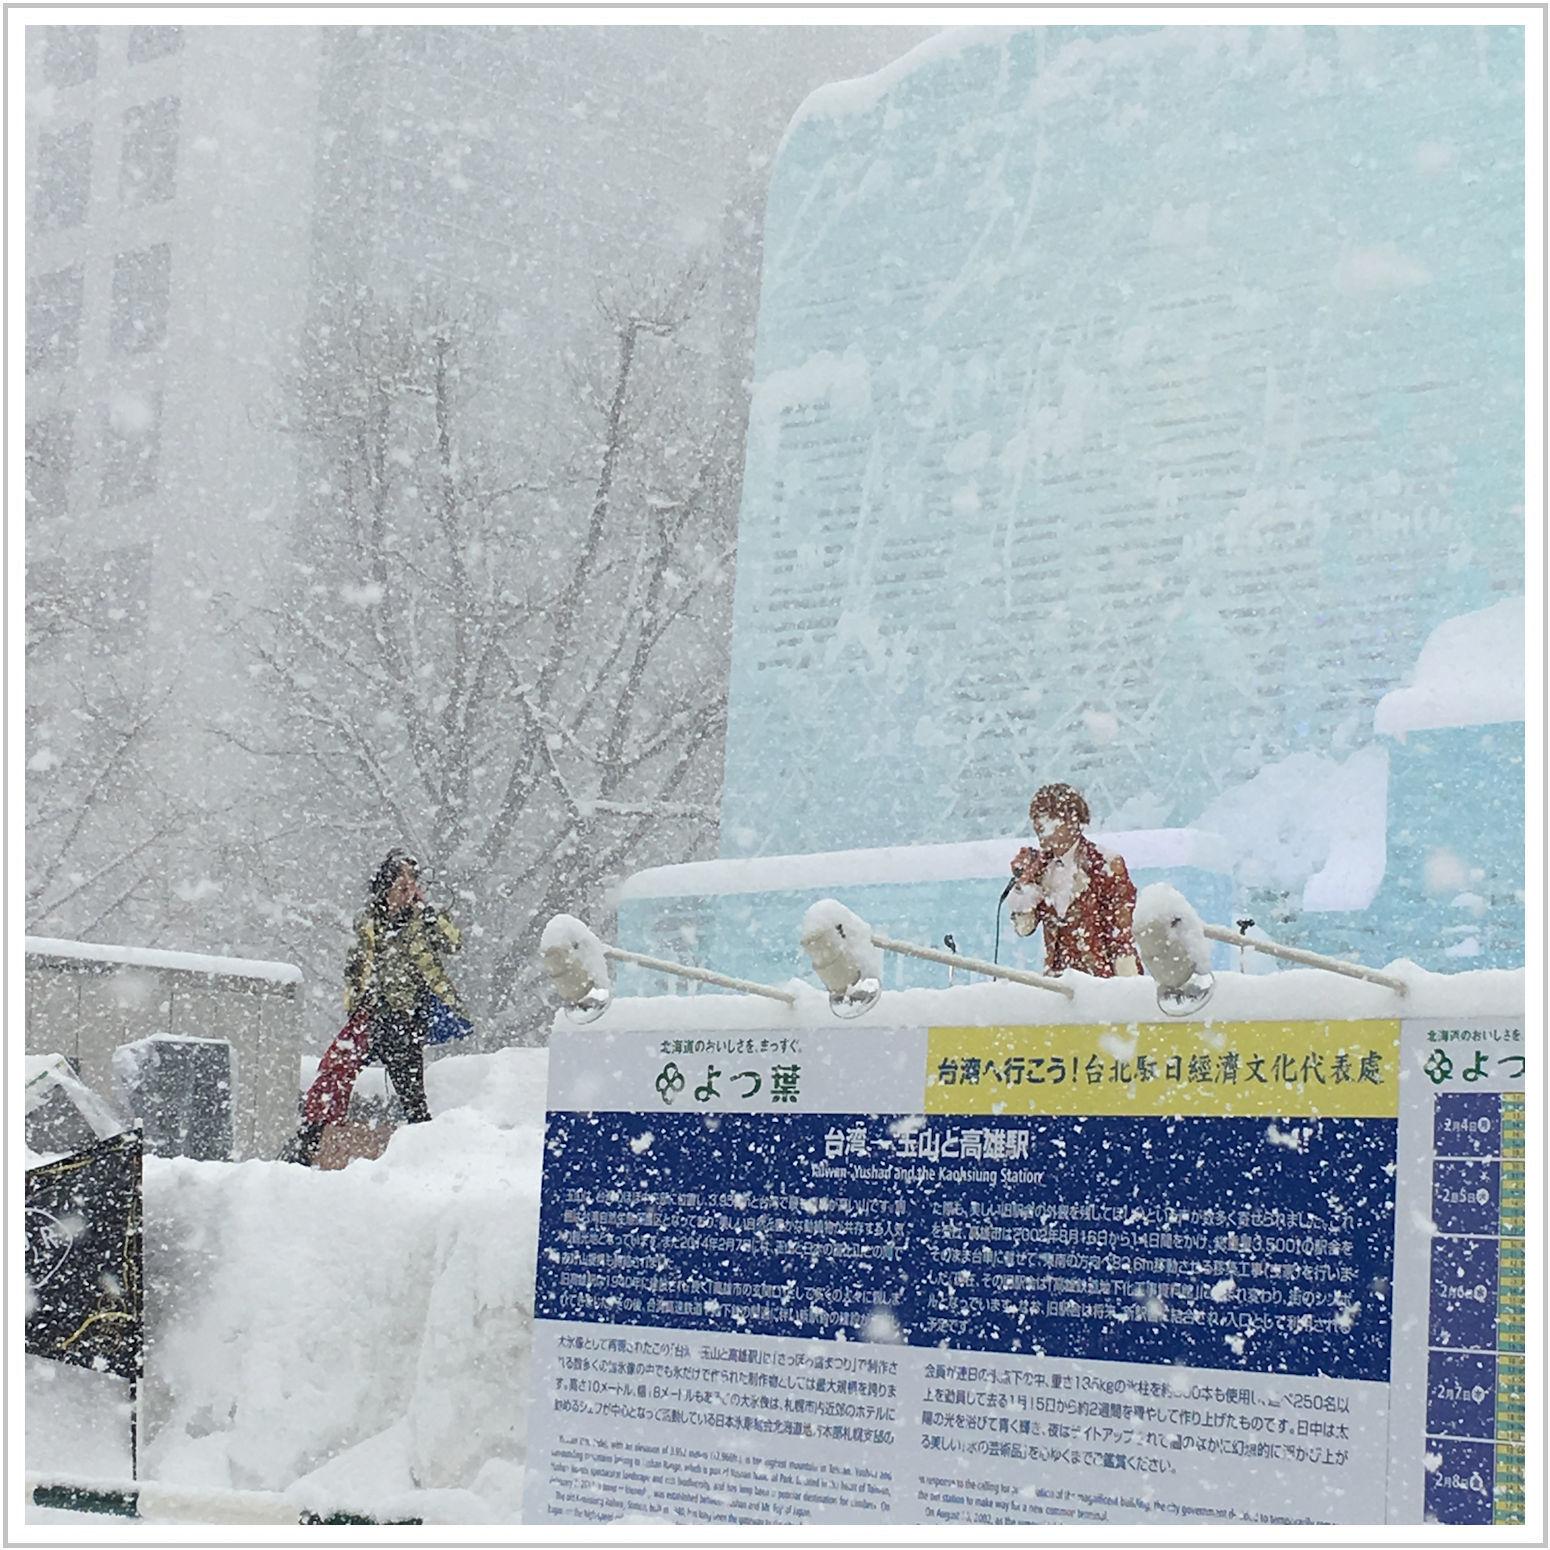 snowfestival0207_1.jpg